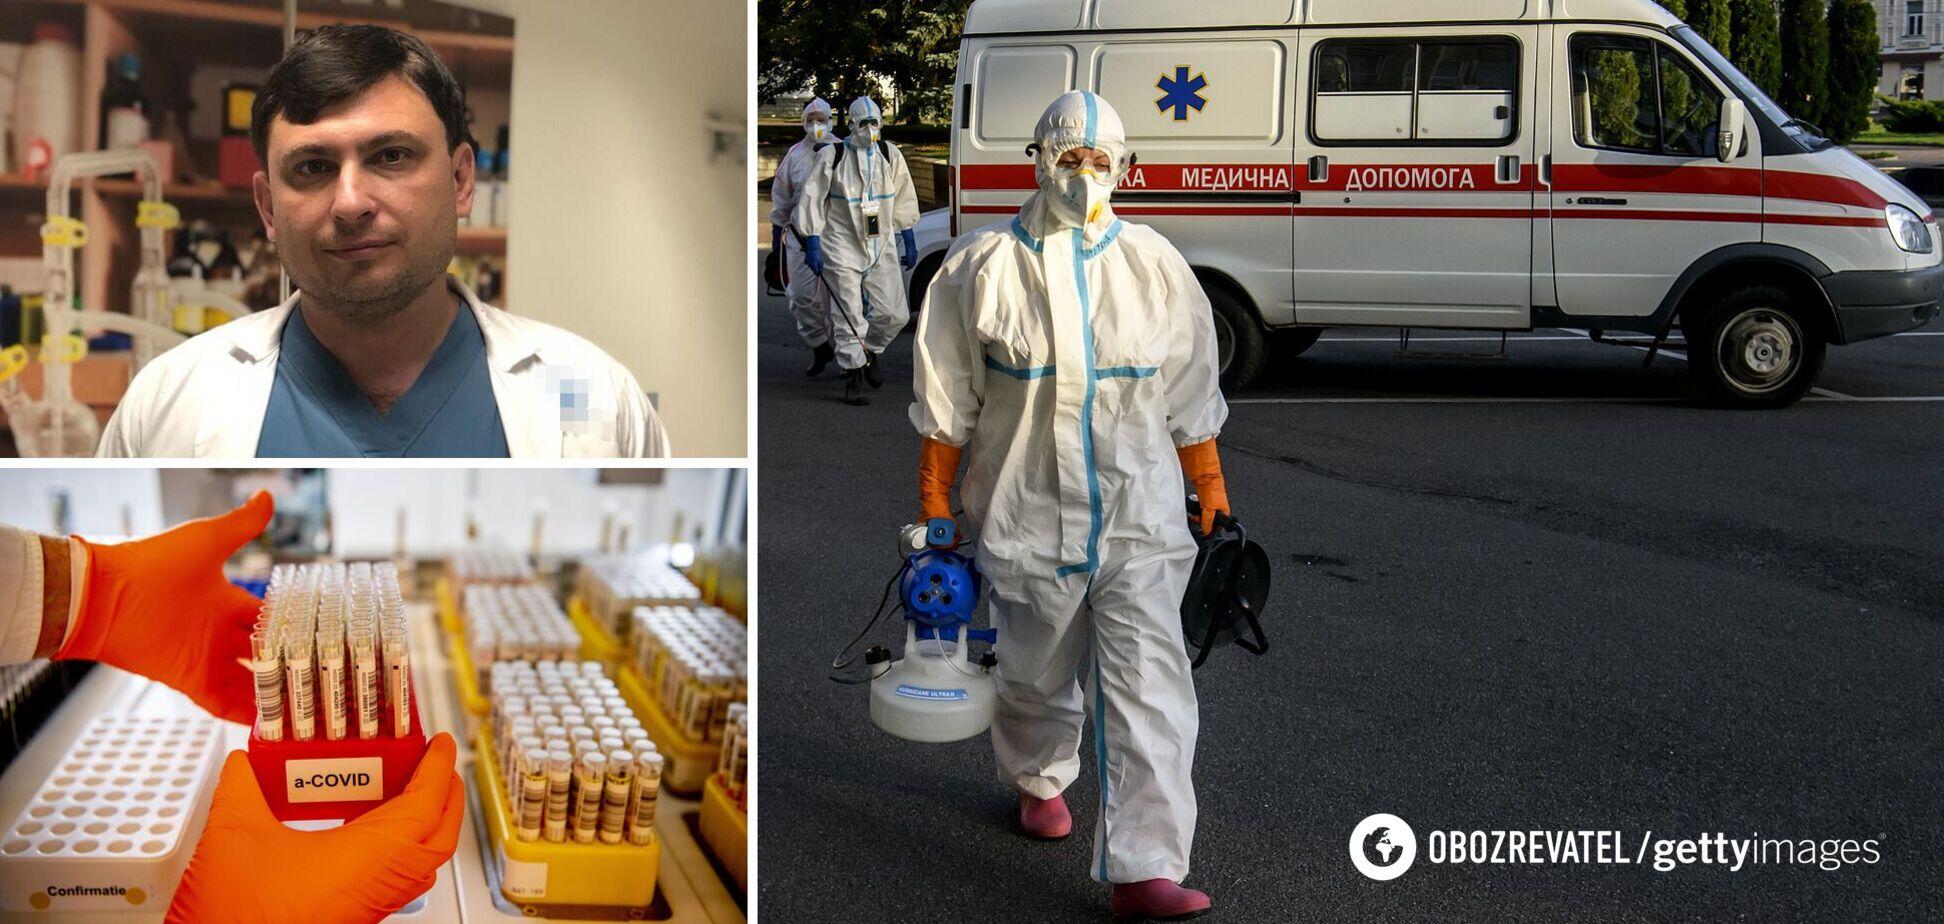 Заболеваемость COVID-19 в Украине вновь будет расти: Бриль назвал причины